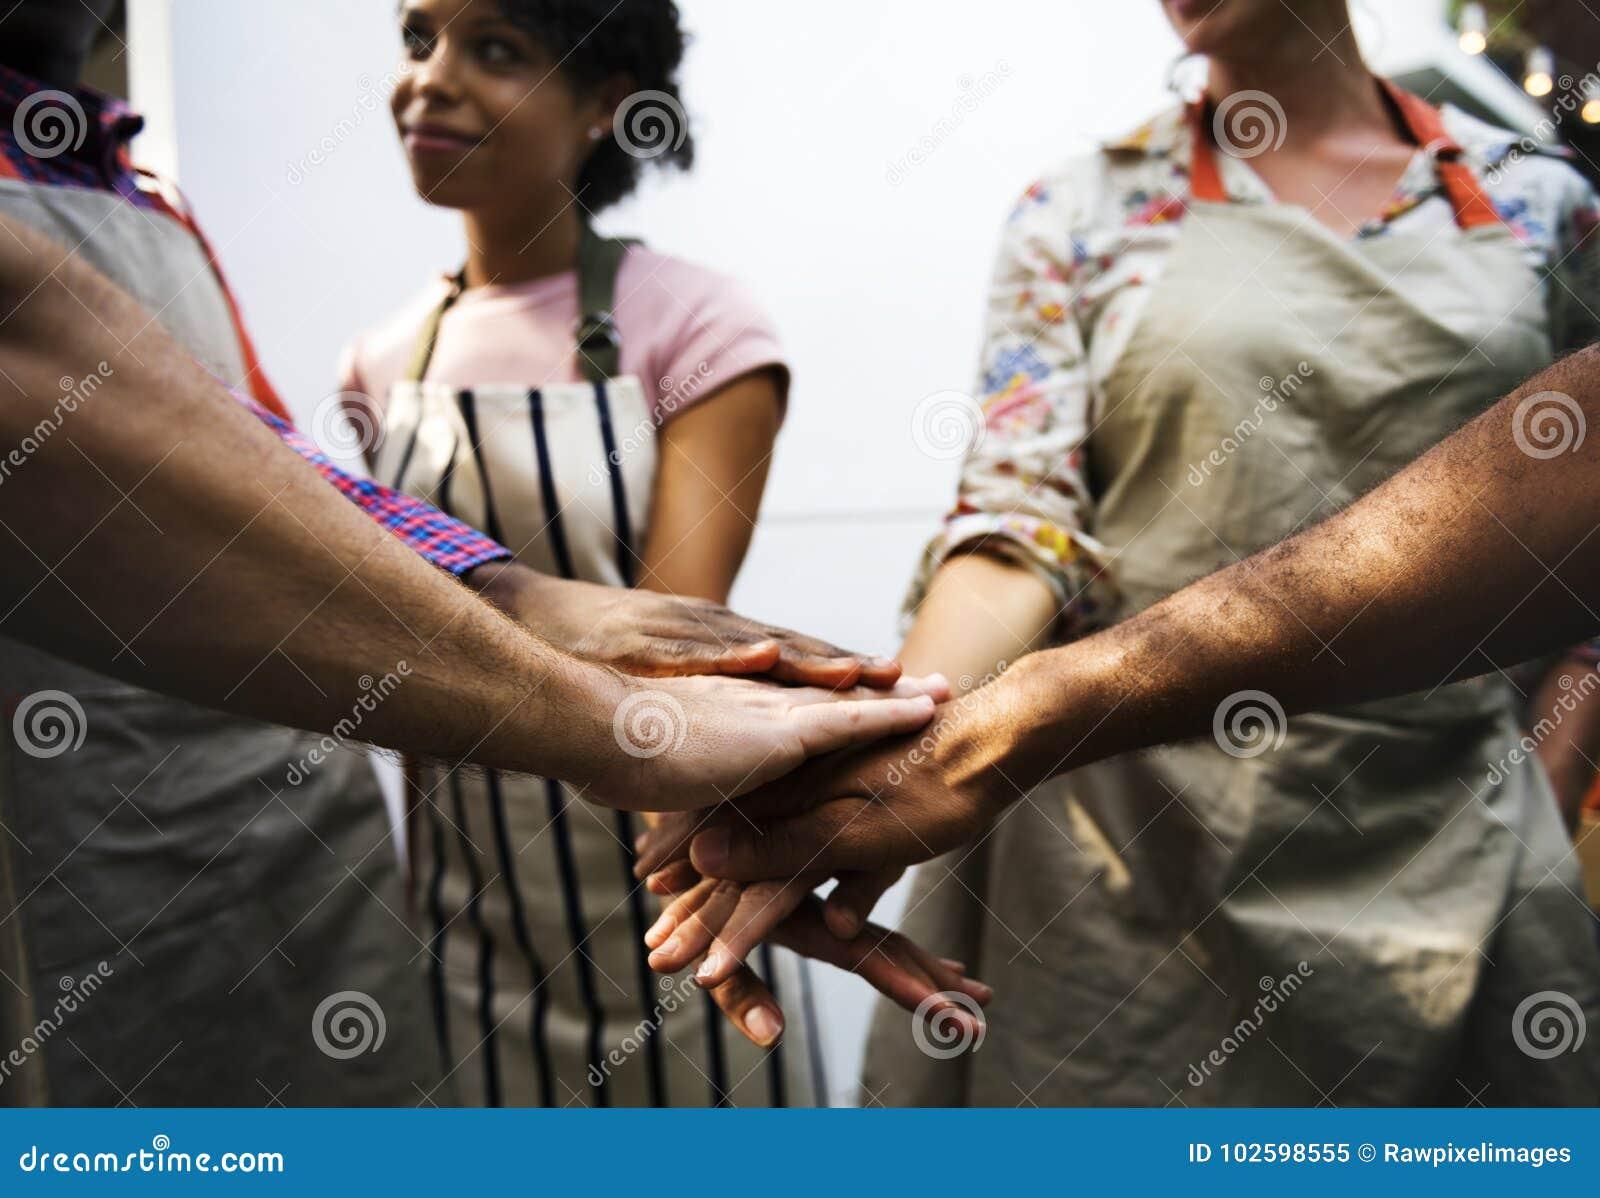 Nahaufnahme von verschiedenen Händen verband zusammen als Teamwork